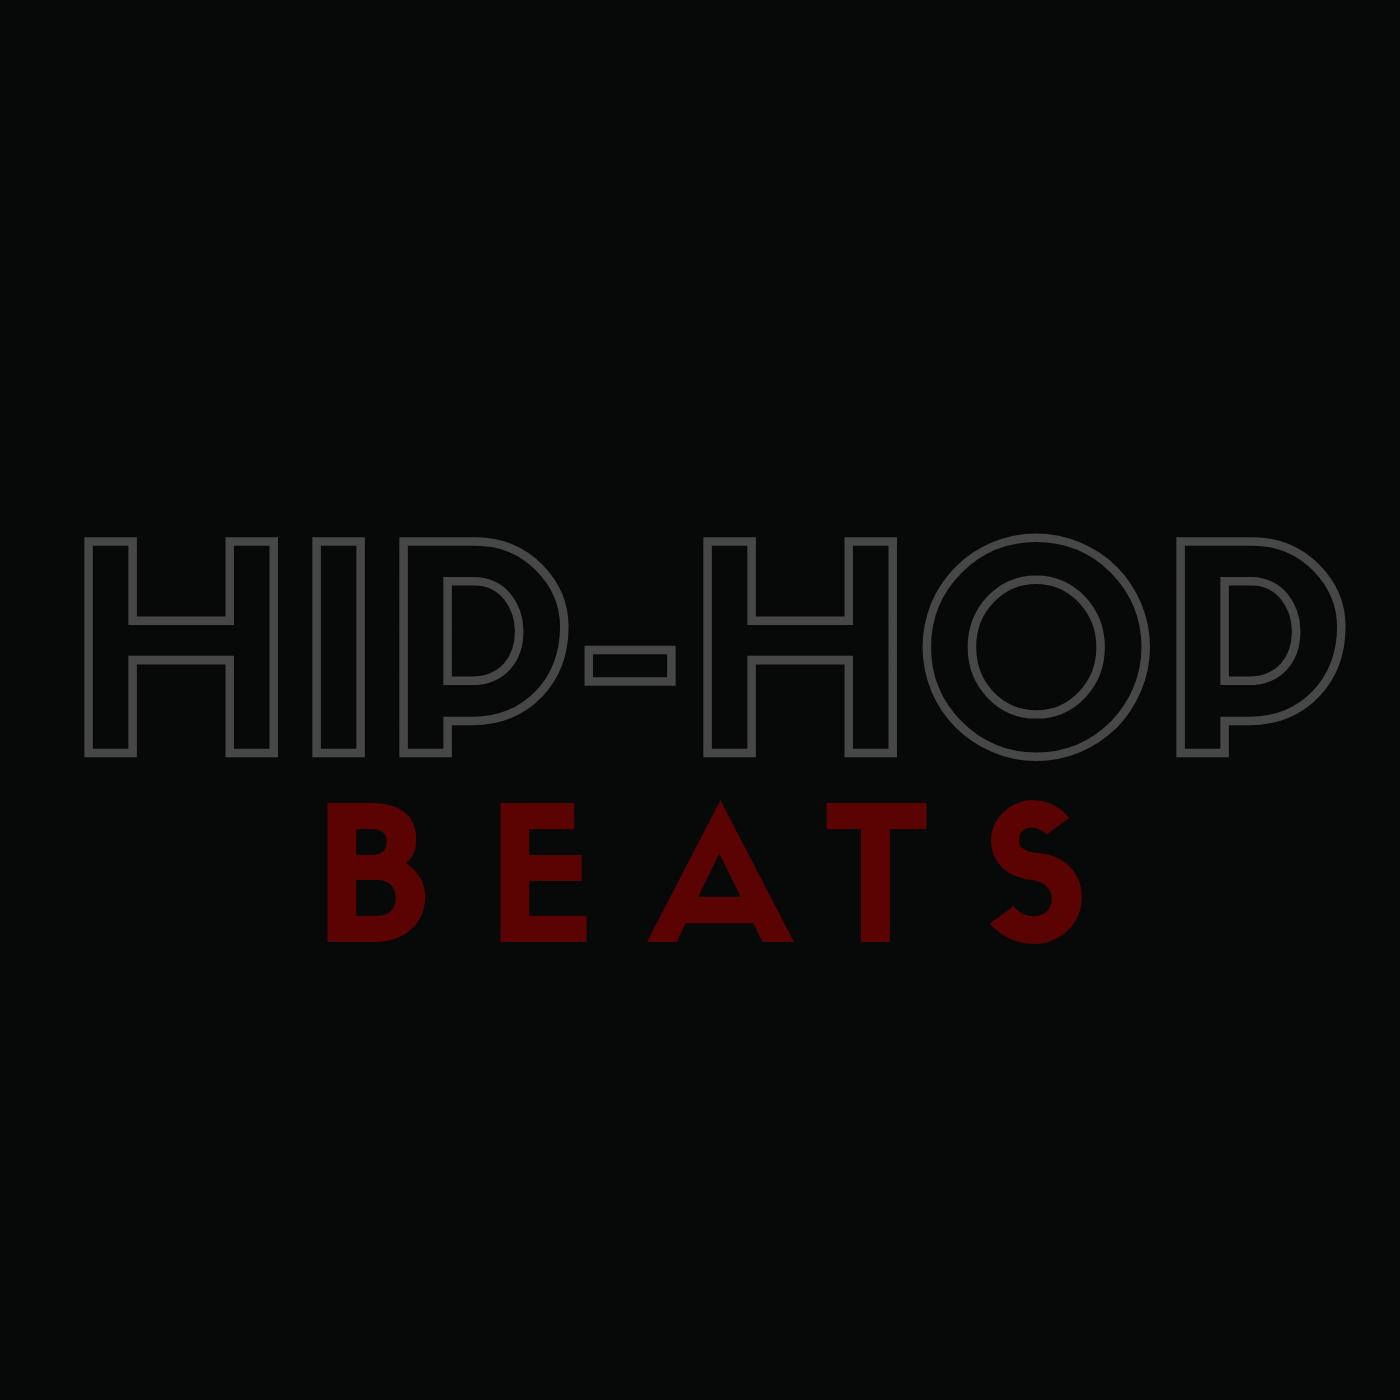 Hip-Hop Beat Production